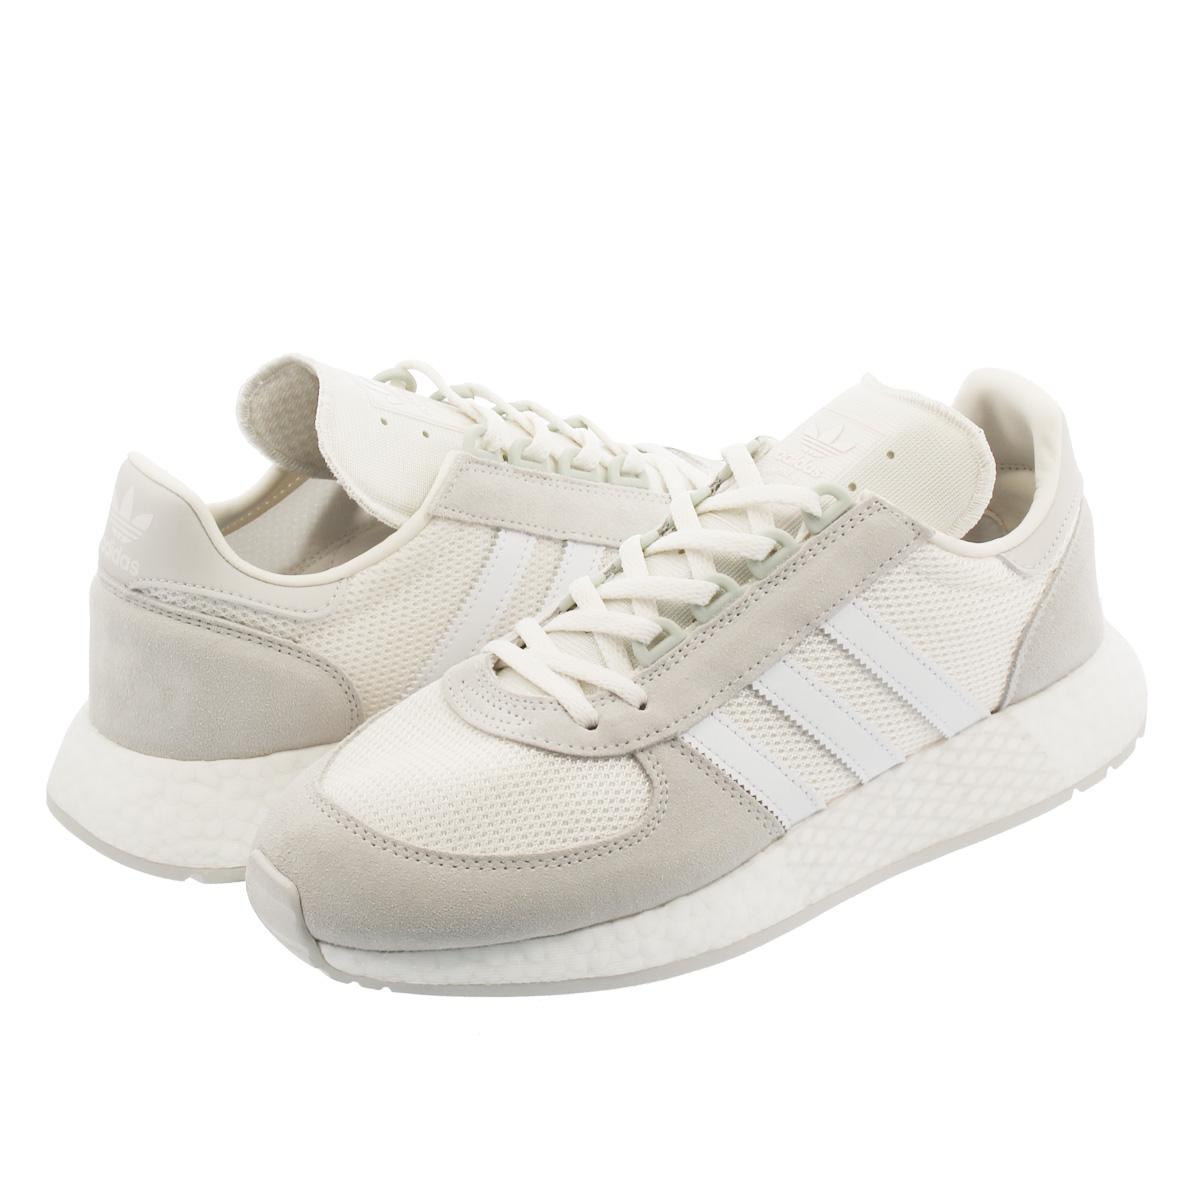 【毎日がお得!値下げプライス】 adidas MARATHON x 5923 【Never Made】 アディダス マラソン x 5923 CLOUD WHITE/RUNNING WHITE/GREY ONE g27860